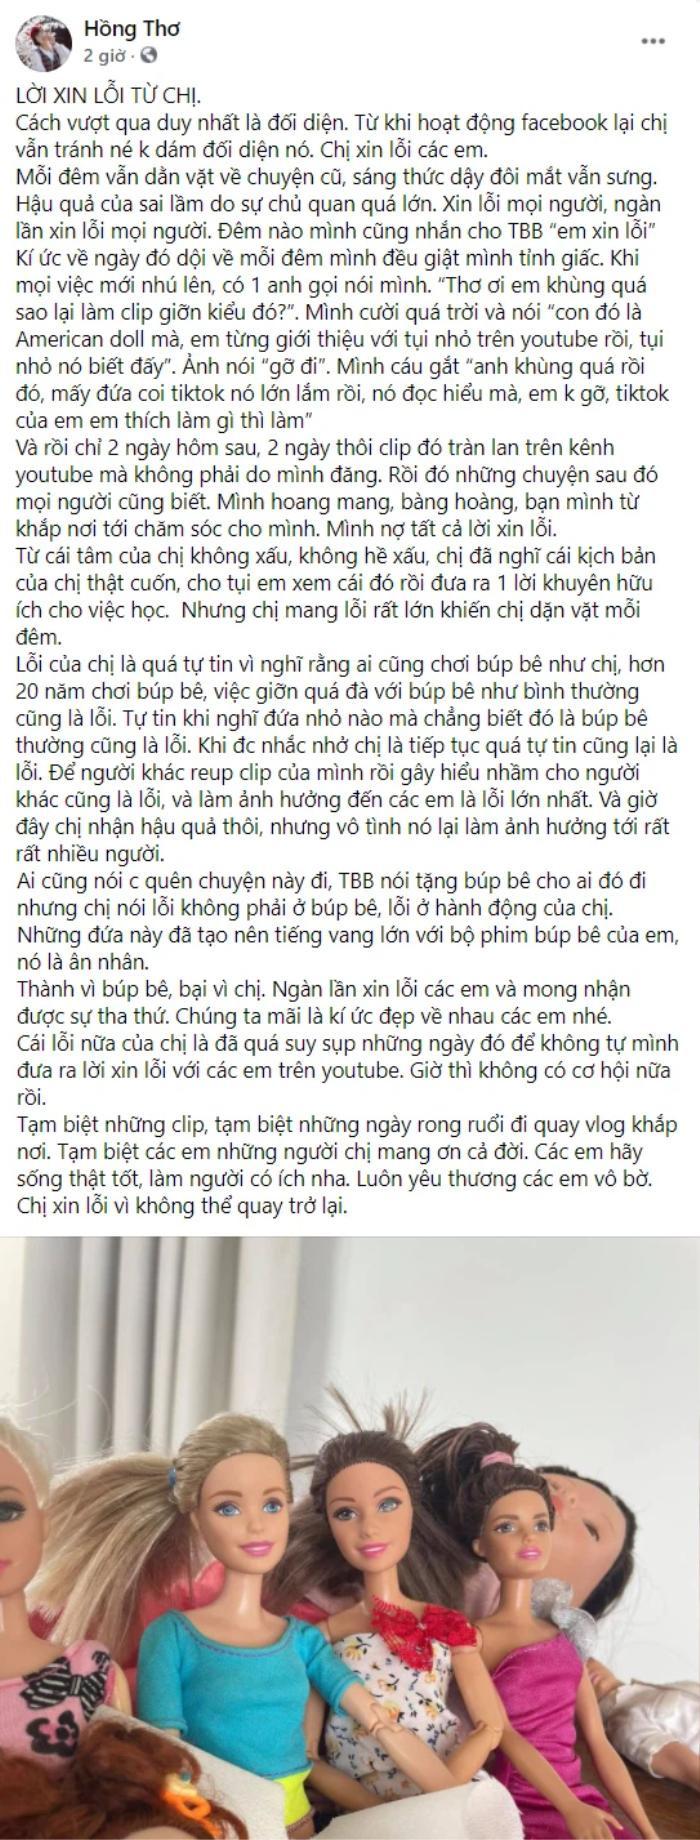 Thơ Nguyễn lộ diện sau ồn ào gây tranh cãi, bất ngờ thông báo 'đã có con' Ảnh 3